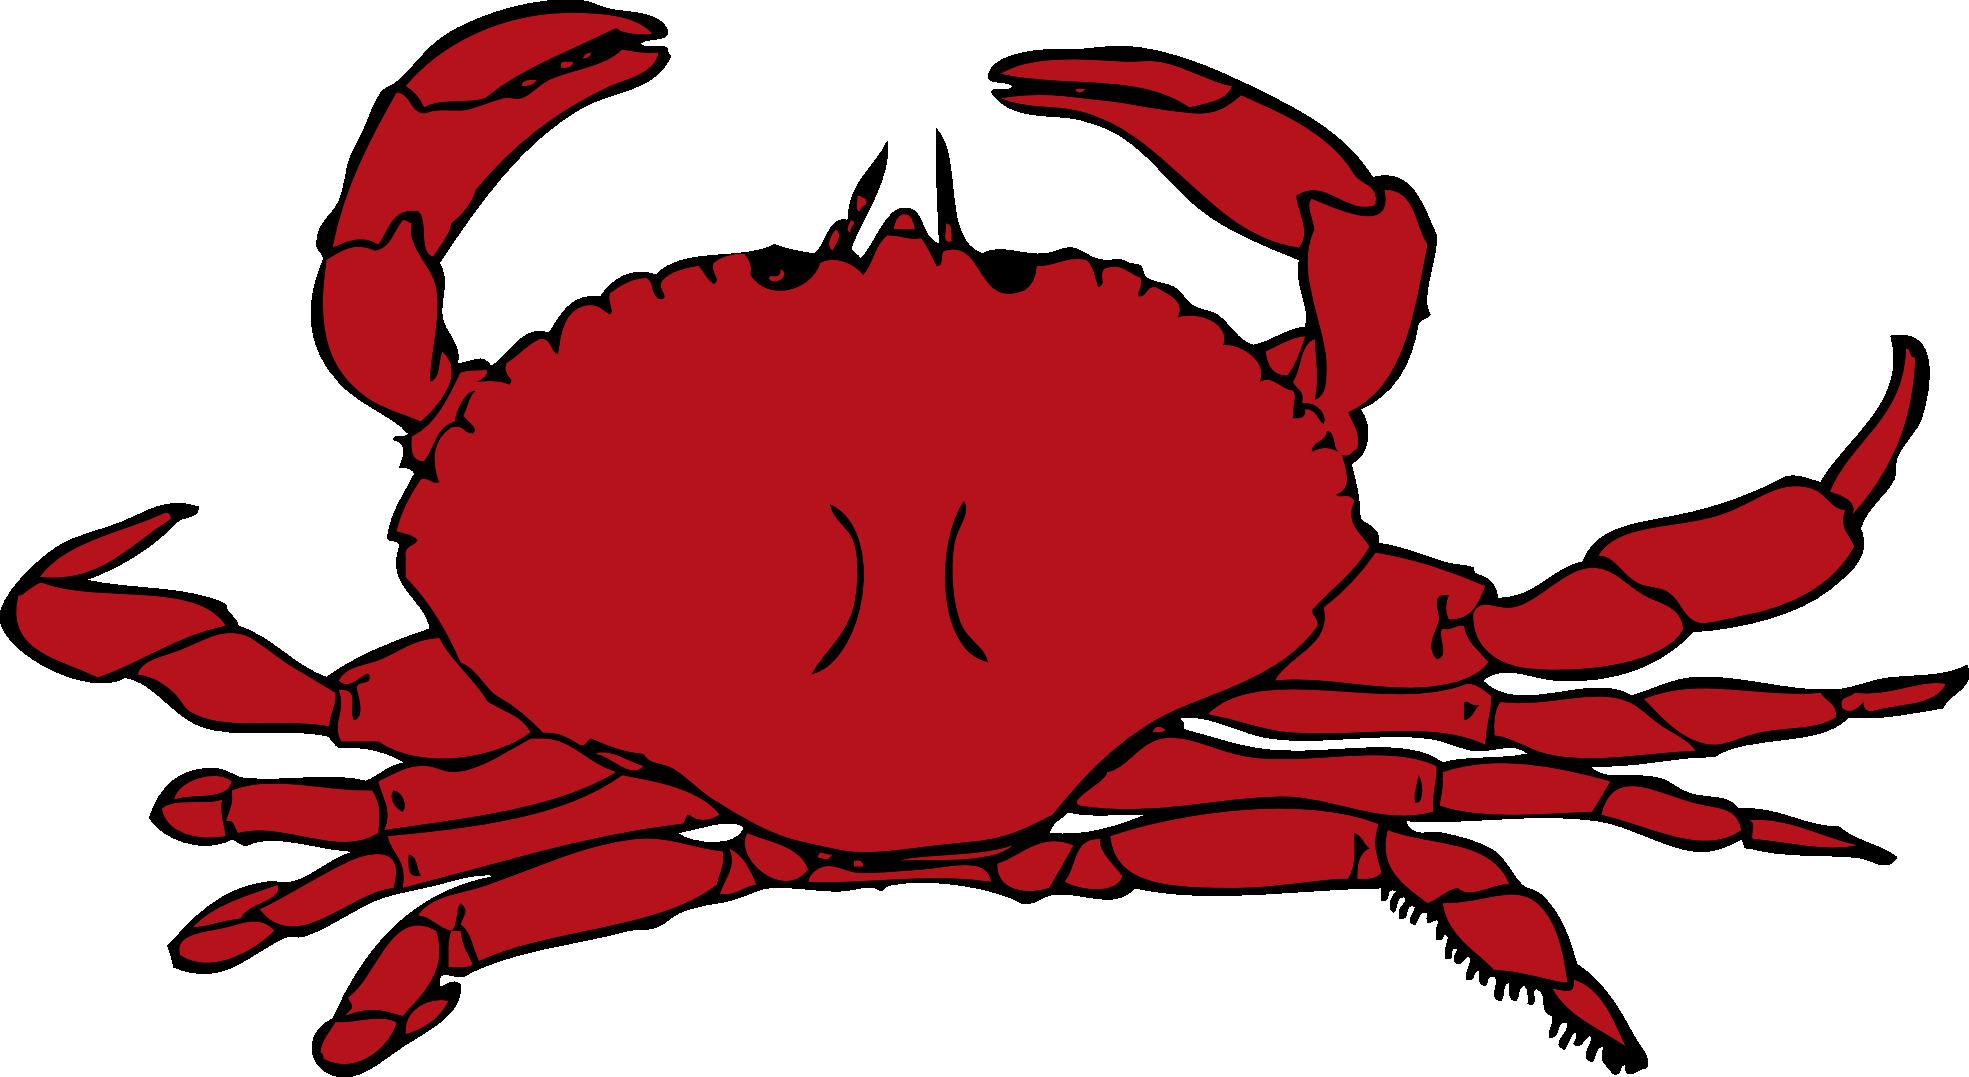 Crab clip art cartoon. Crabs clipart starfish